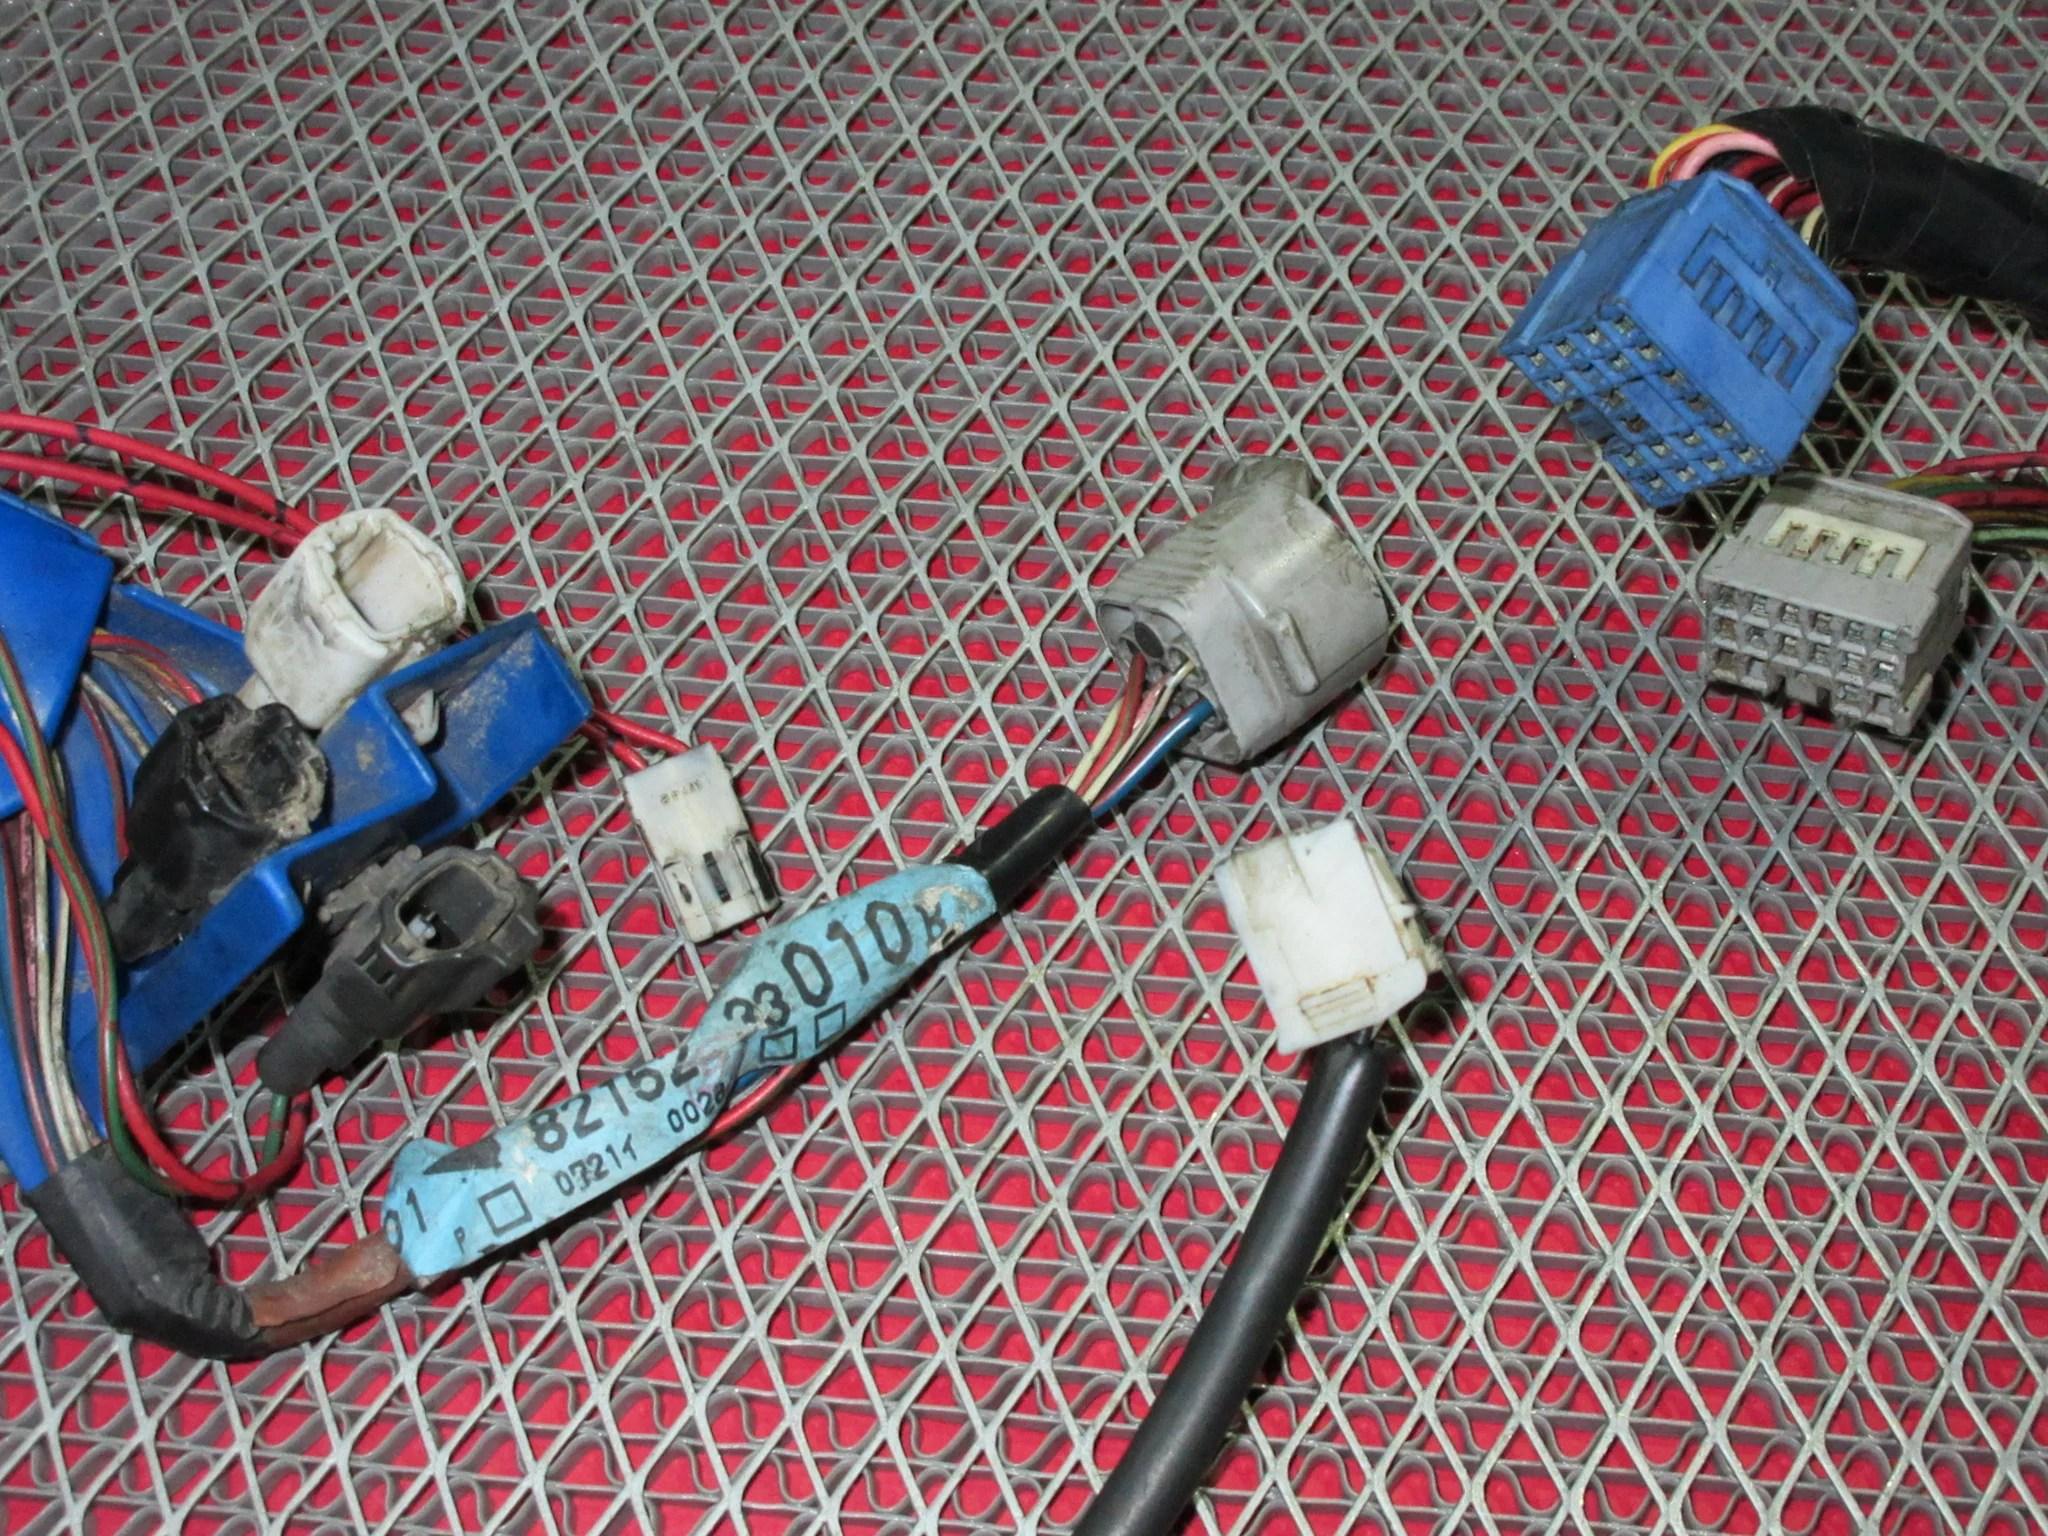 92 93 lexus es300 oem door wiring harness front left u2013 autopartone com92 93 lexus es300 oem door wiring harness front left st autopartone com [ 2048 x 1536 Pixel ]